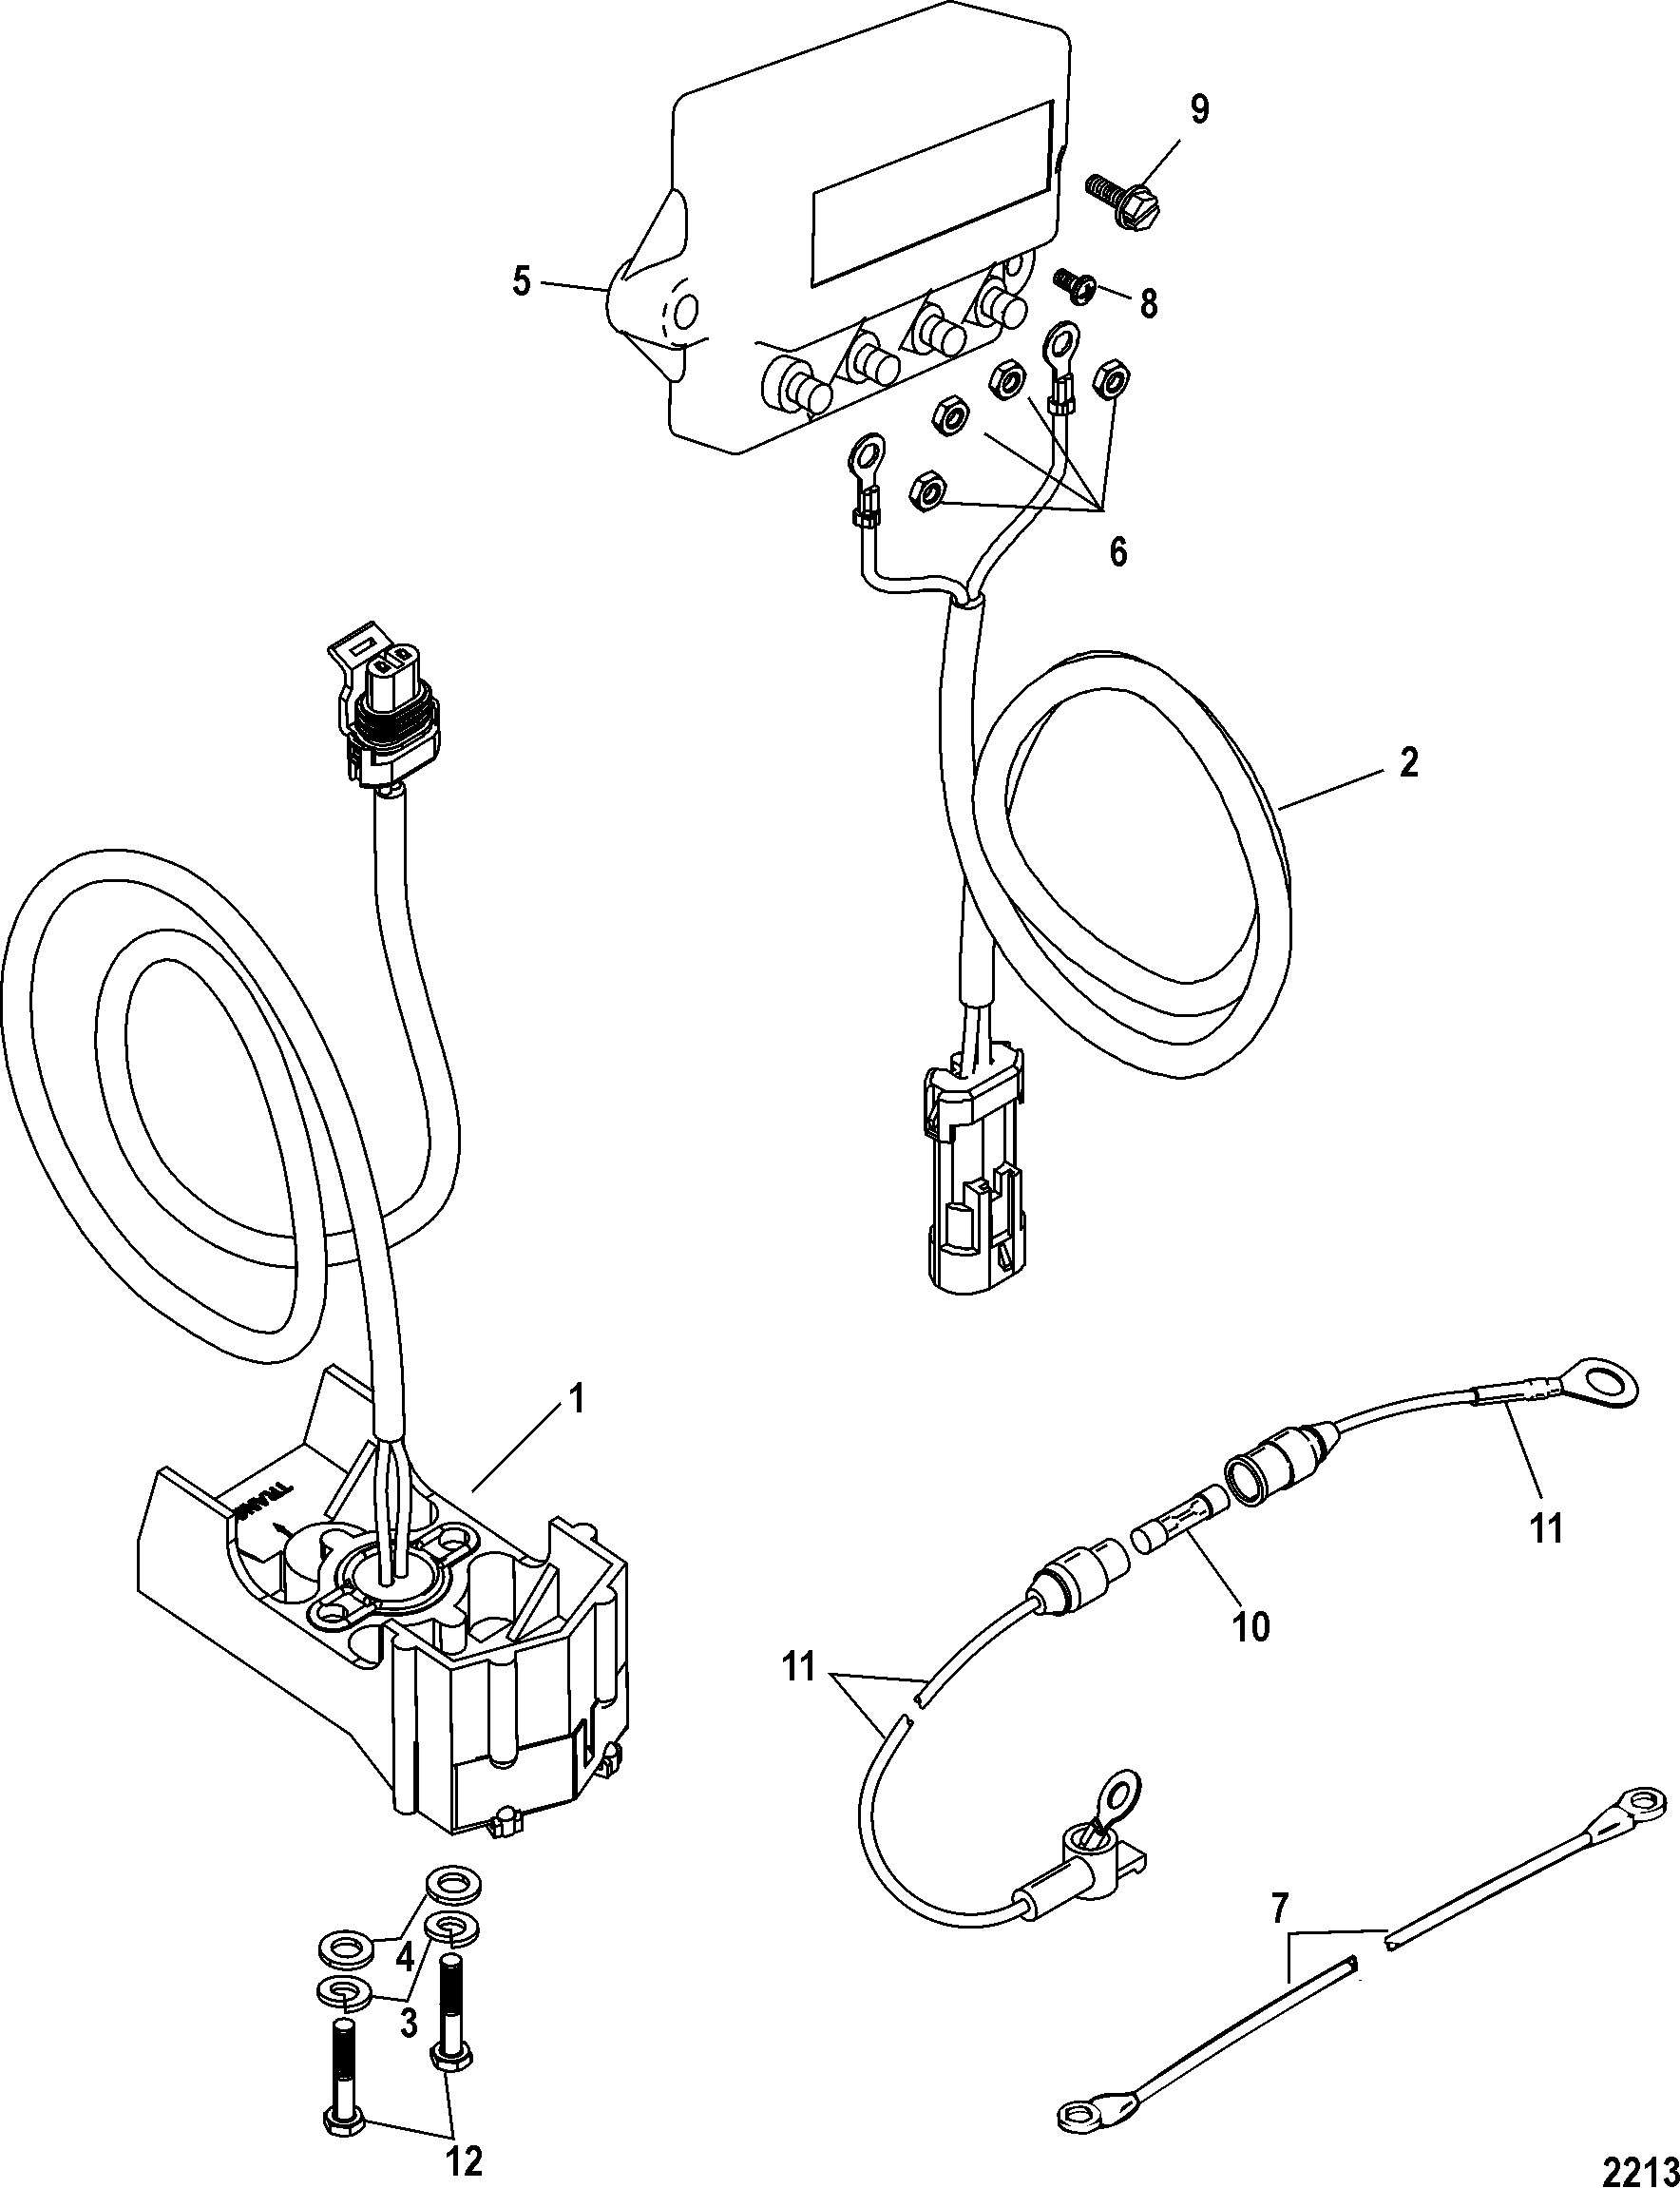 Mercathode Kit For Mercruiser Bravo I Ii Iii